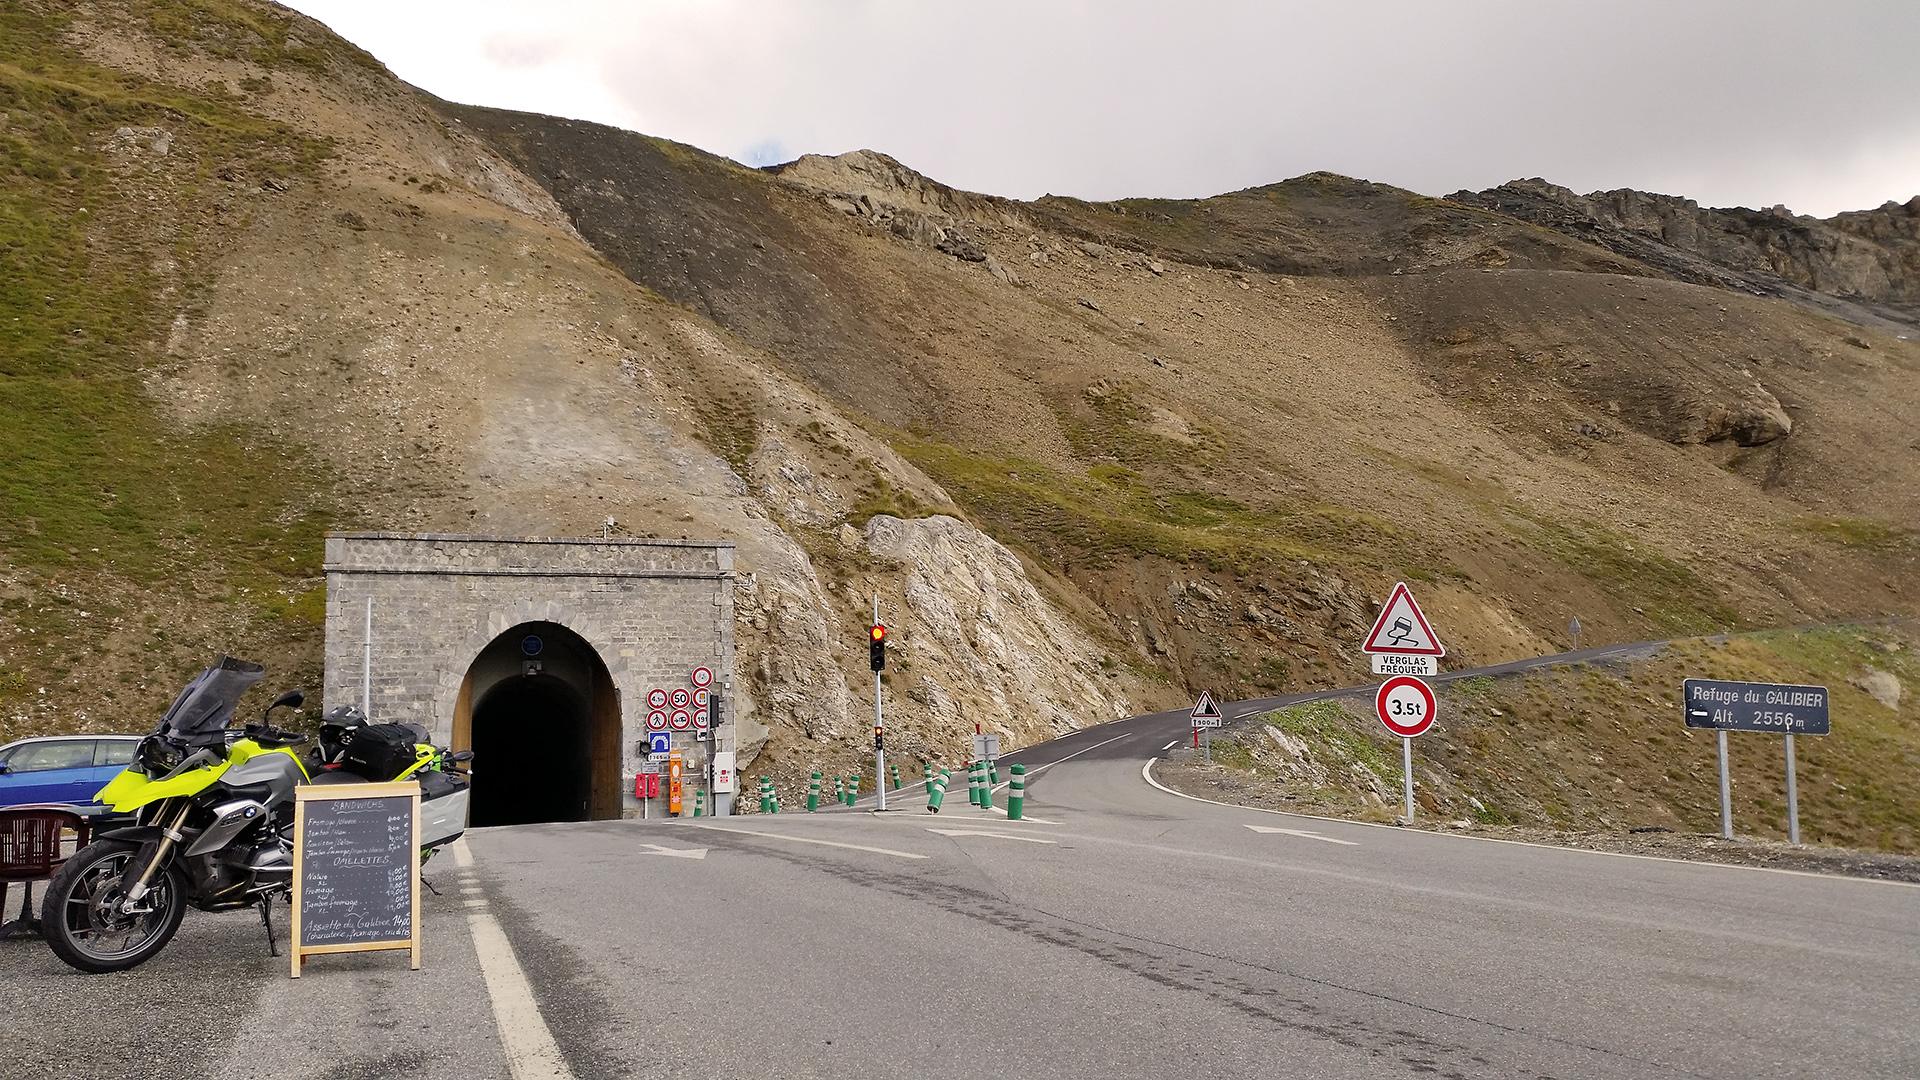 Tunnel du Galibier (Col du Galibier) © Pässe.Info